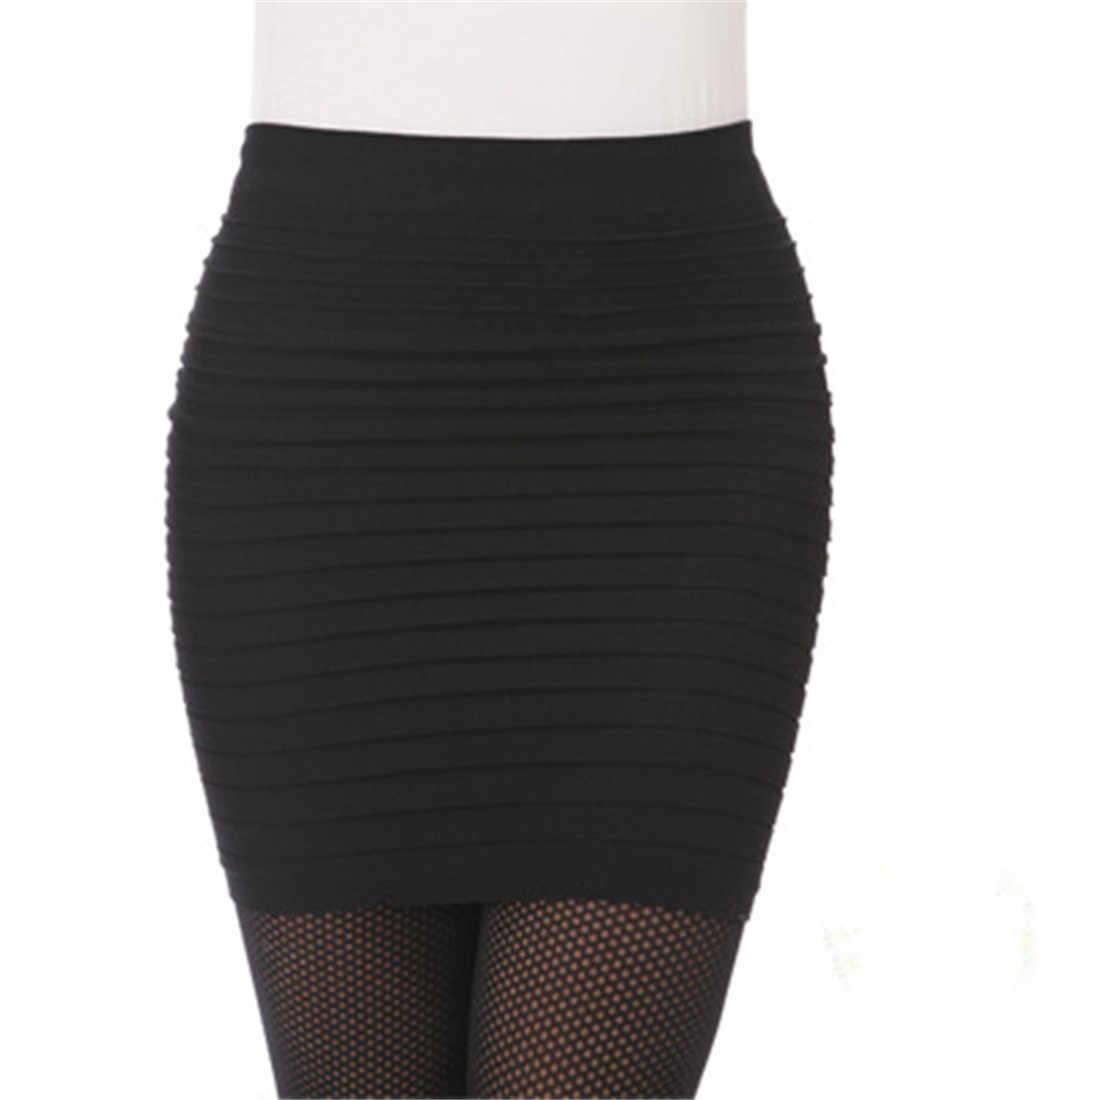 弾性プリーツスカートハイウエストボディコンミニスカートビジネスオフィス安いショート鉛筆スカート無地ピンク黒ブルーホット